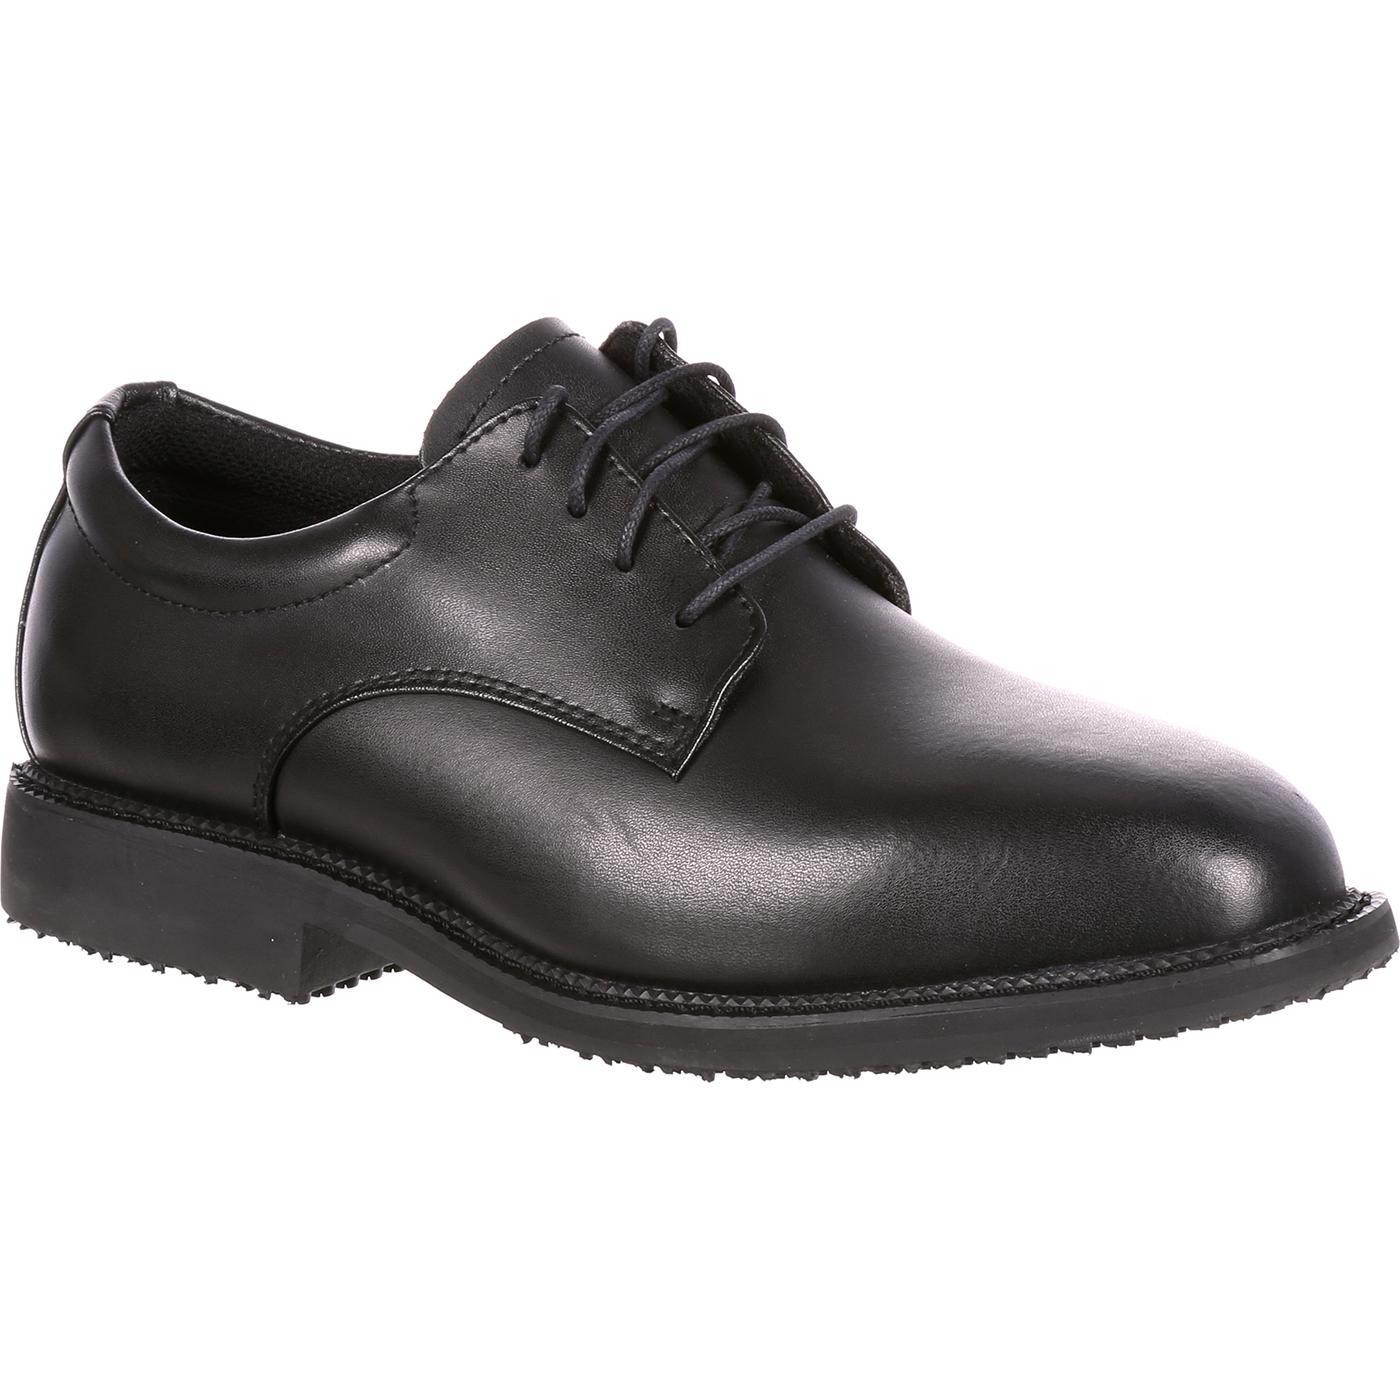 Comfortable Slip Resistant Dress Shoes